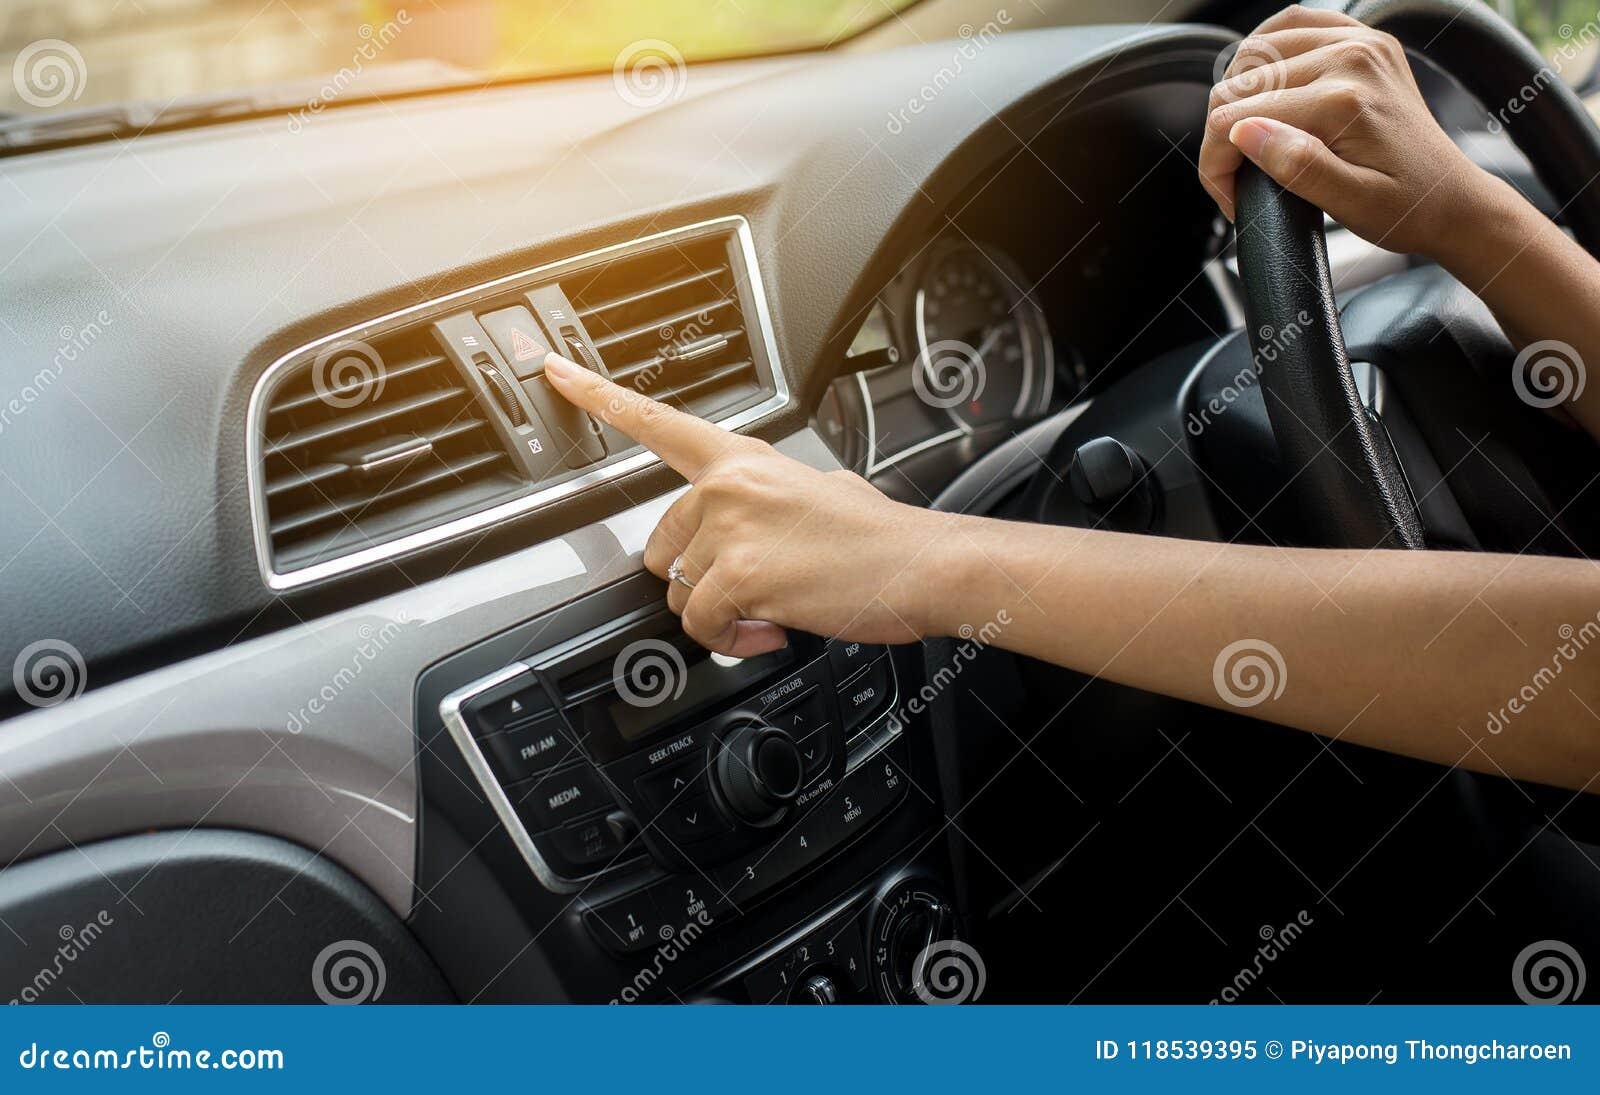 Parte inferior da luz de emergência do carro da imprensa do motorista da mulher da mão ou do dedo no painel